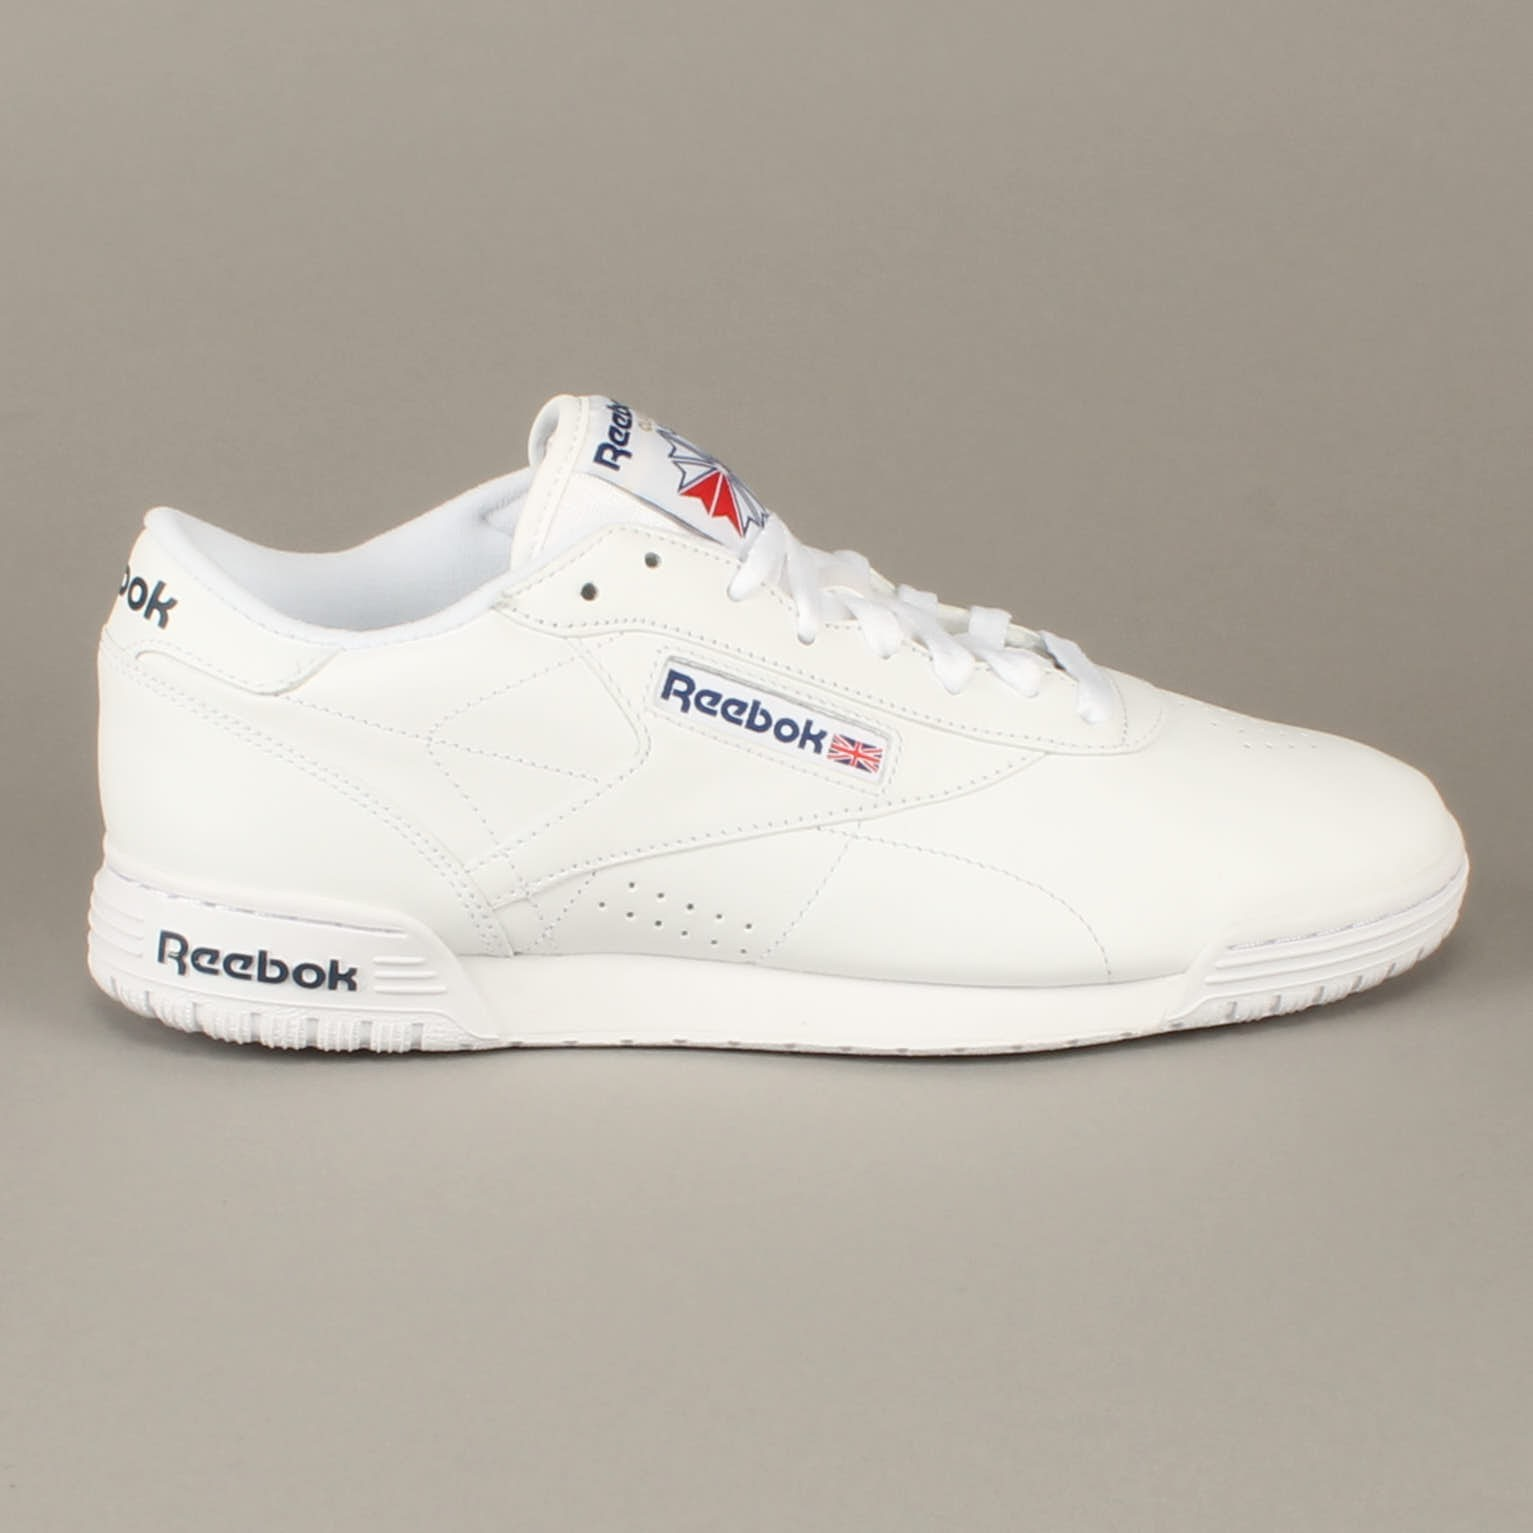 REEBOK EXOFIT LO CLEAN LOGO INT WHITE  700 DKK